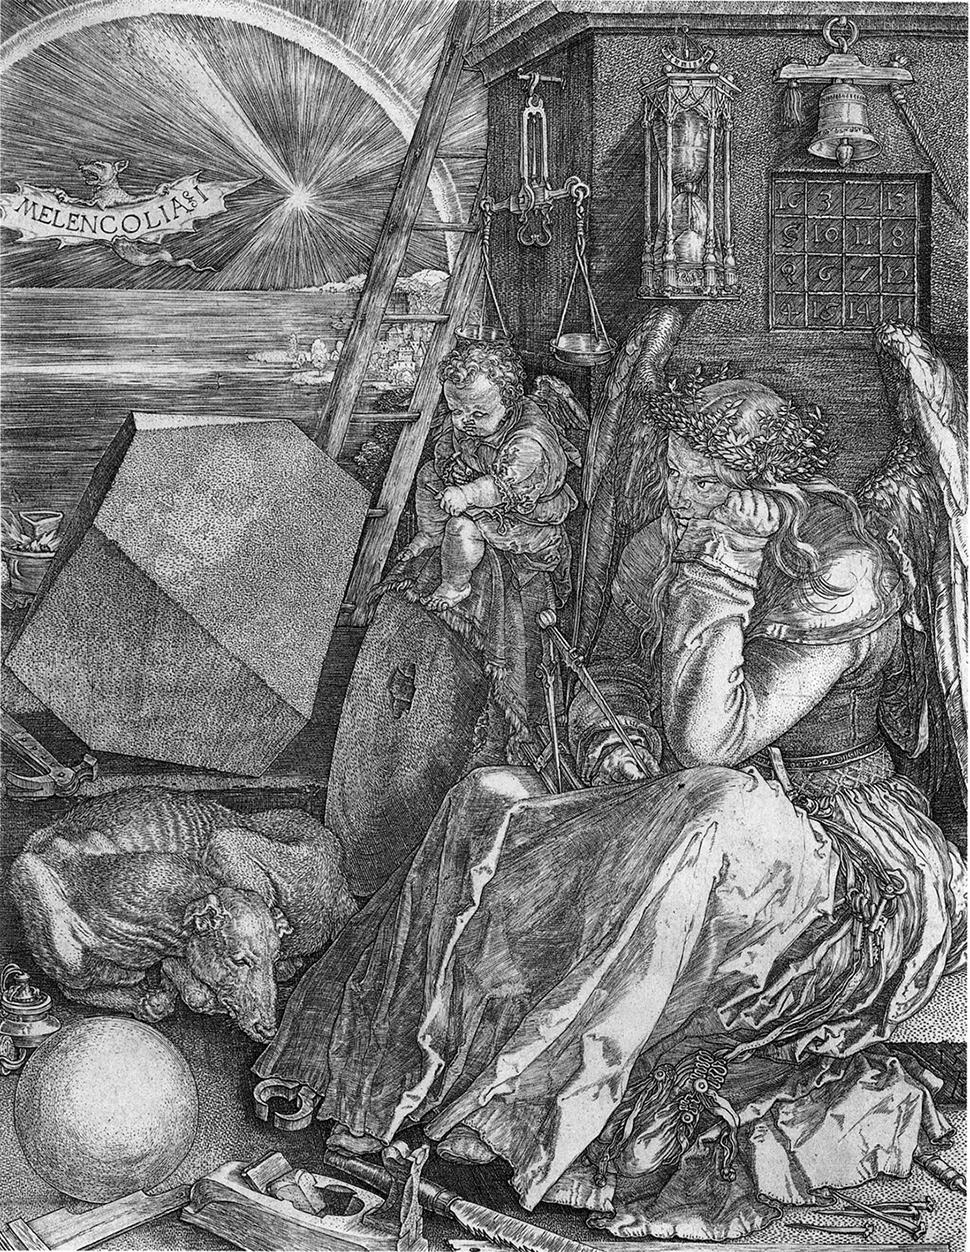 독일의 르네상스 화가·명인 도제사 알브레히트 뒤러(Albrecht DŰrer)가 제작한 동판화 <멜랑콜리아(Melancholia)>는 창조하는 미술가의 고뇌와 외로움을 표현한다. 로버트 버튼(Robert Burton)이 쓴 책 <멜랑콜리의 해부학>(1621년간)에 따르면 모름지기 천재든 아니든 장인이나 예술가는 한번 일에 몰두하면 깊은 생각에 빠지고 내면 성찰적인 마음 상태로 접어들며 육체도 뒤따라 고독과 의기소침한 상태 즉, 멜랑콜리에 빠진다고 했다. 이렇게 하여 외롭고 골몰하는 르네상스의 예술가 개념도 탄생했다.